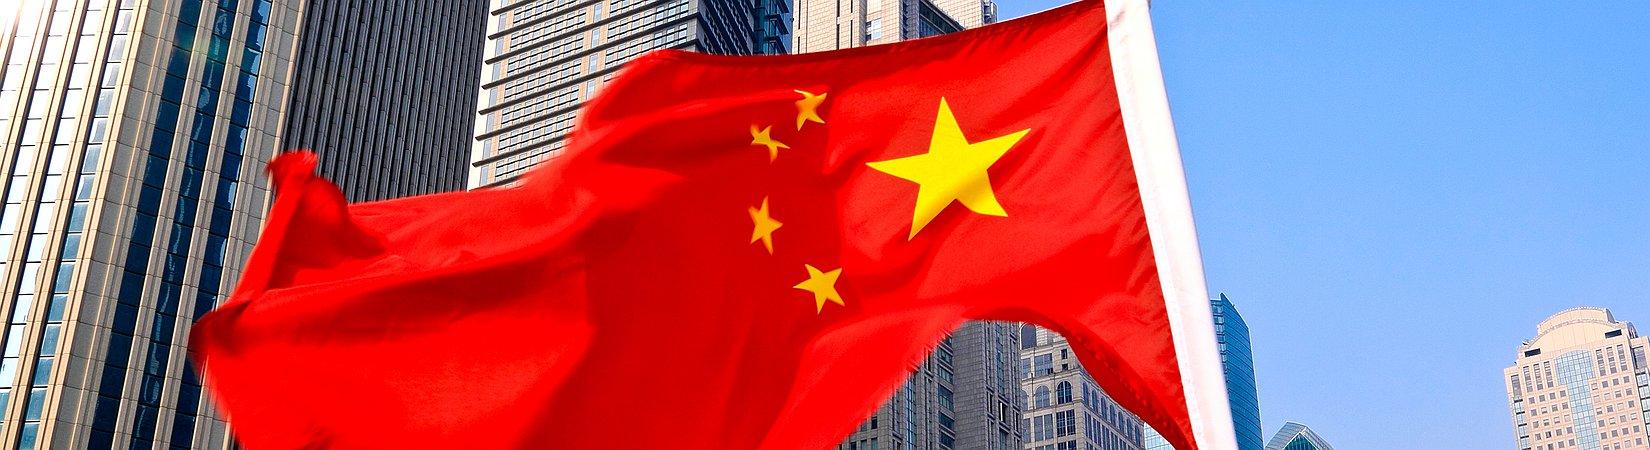 Chinesa BTCC irá cessar atividade de negociação após decisão do Banco Popular da China